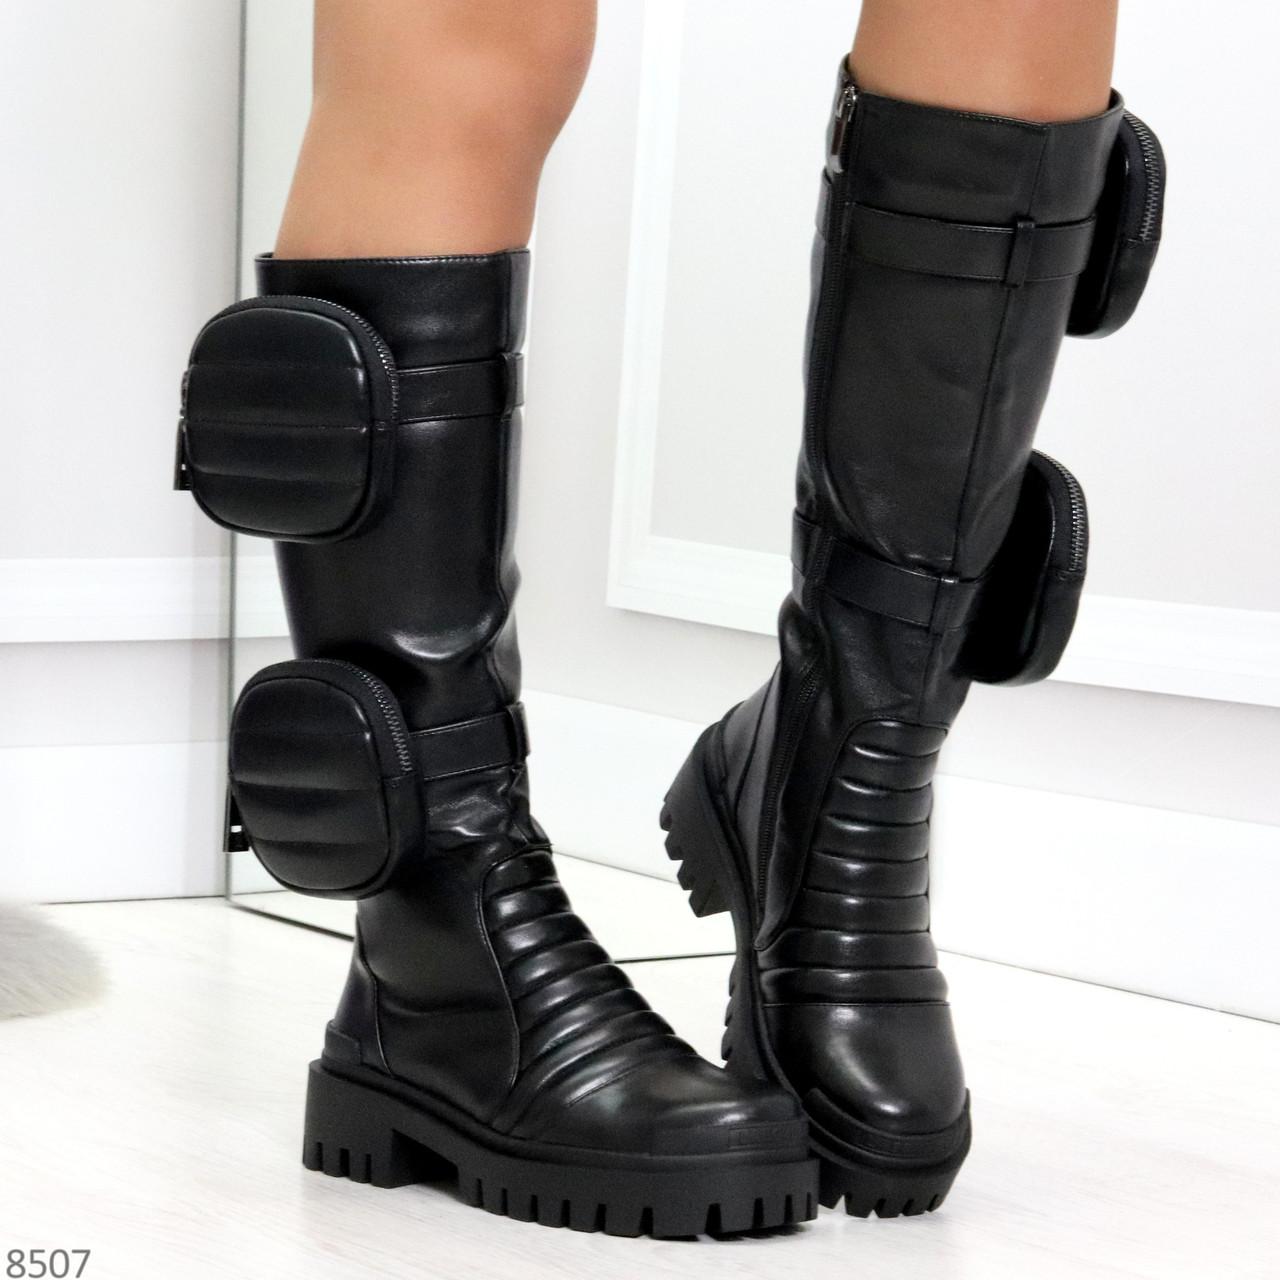 Высокие люксовые черные женские сапоги с сумочками кошельками карманами Bike Style